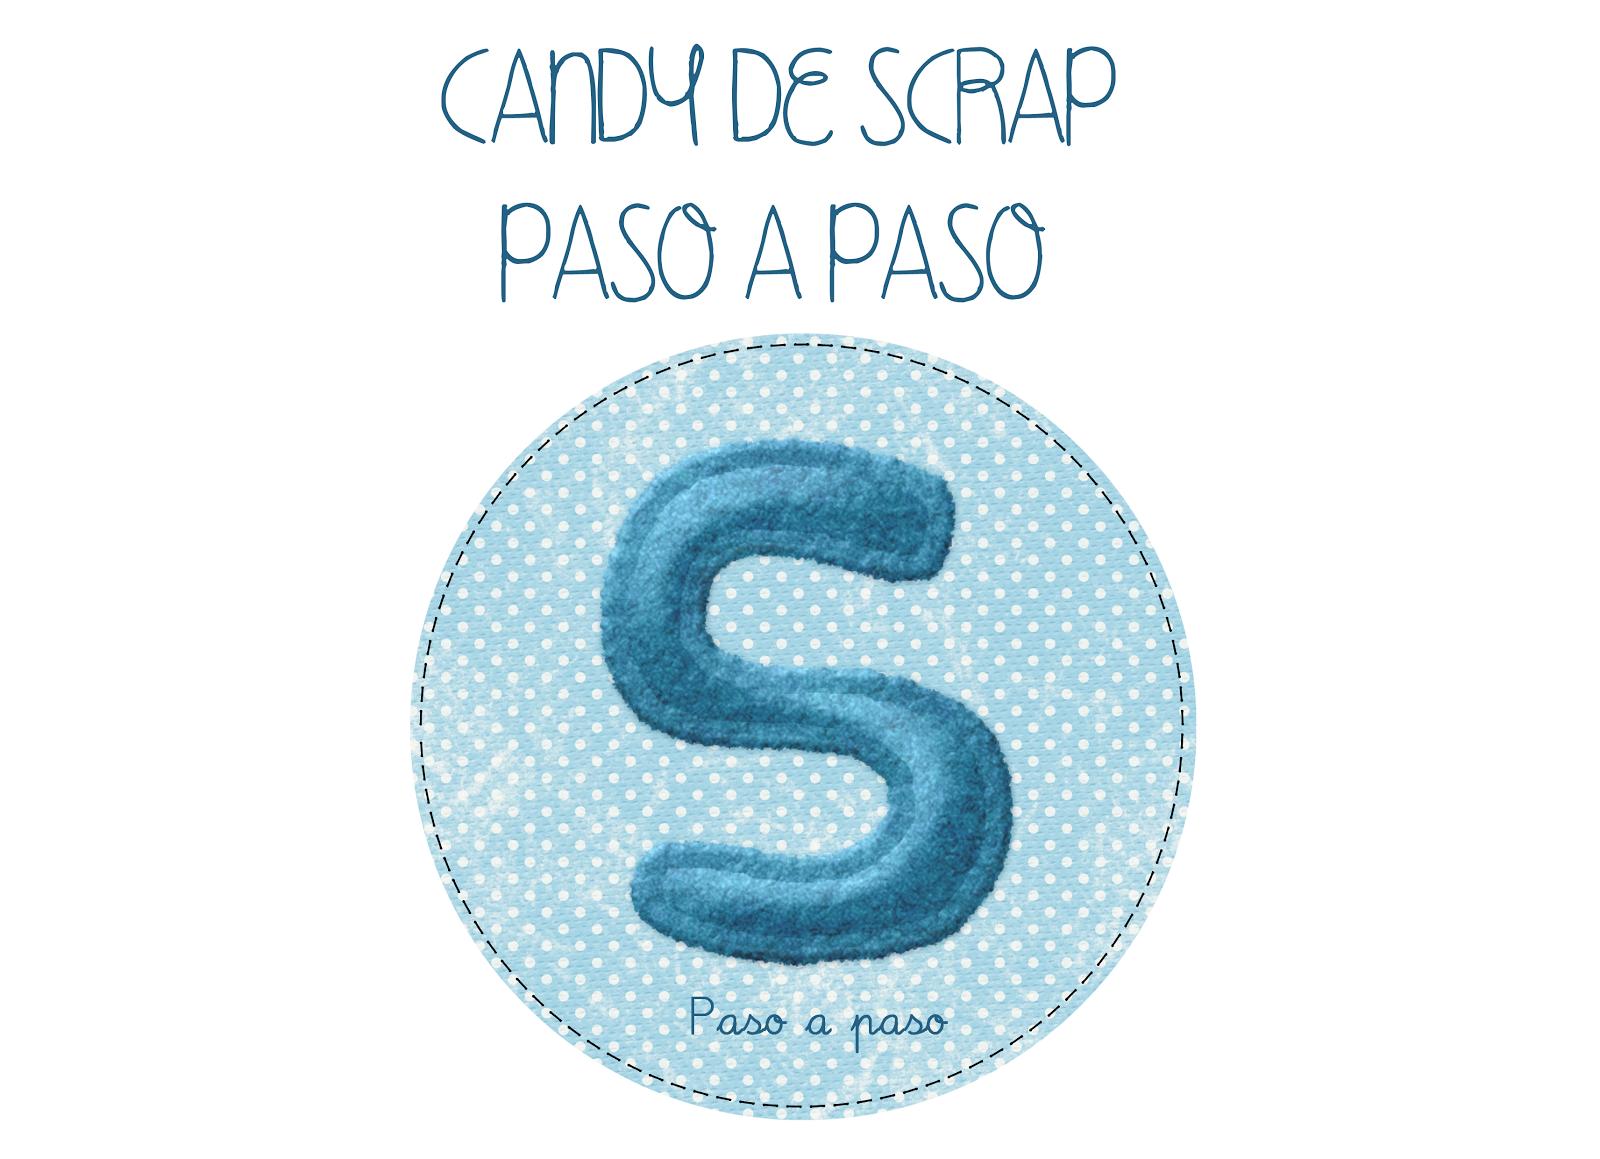 CANDY SCRAP PASO A PASO